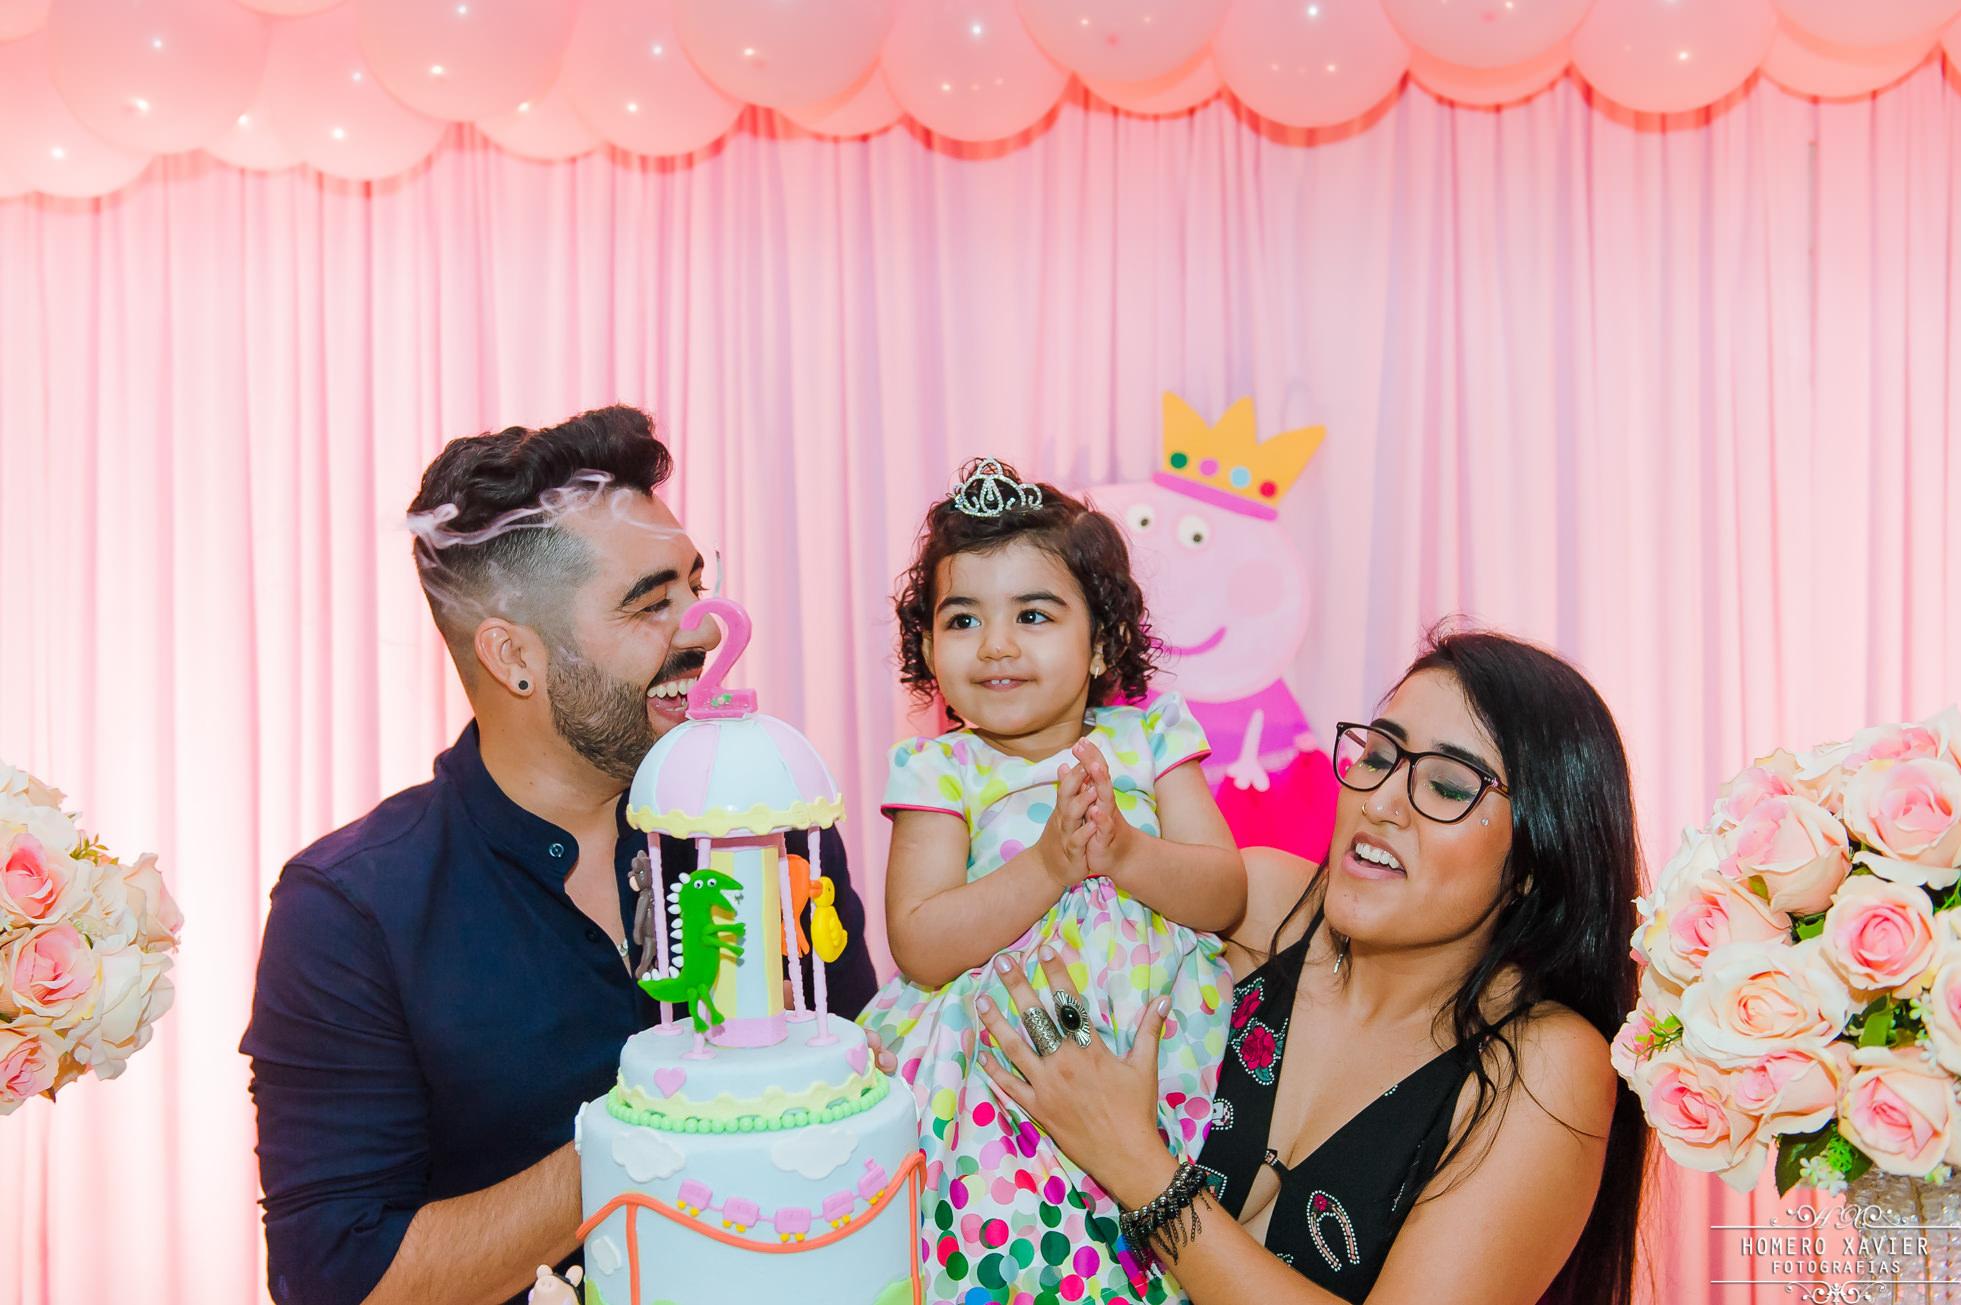 fotografia festa infantil tema peppa pig Tabernaculo Festas BH